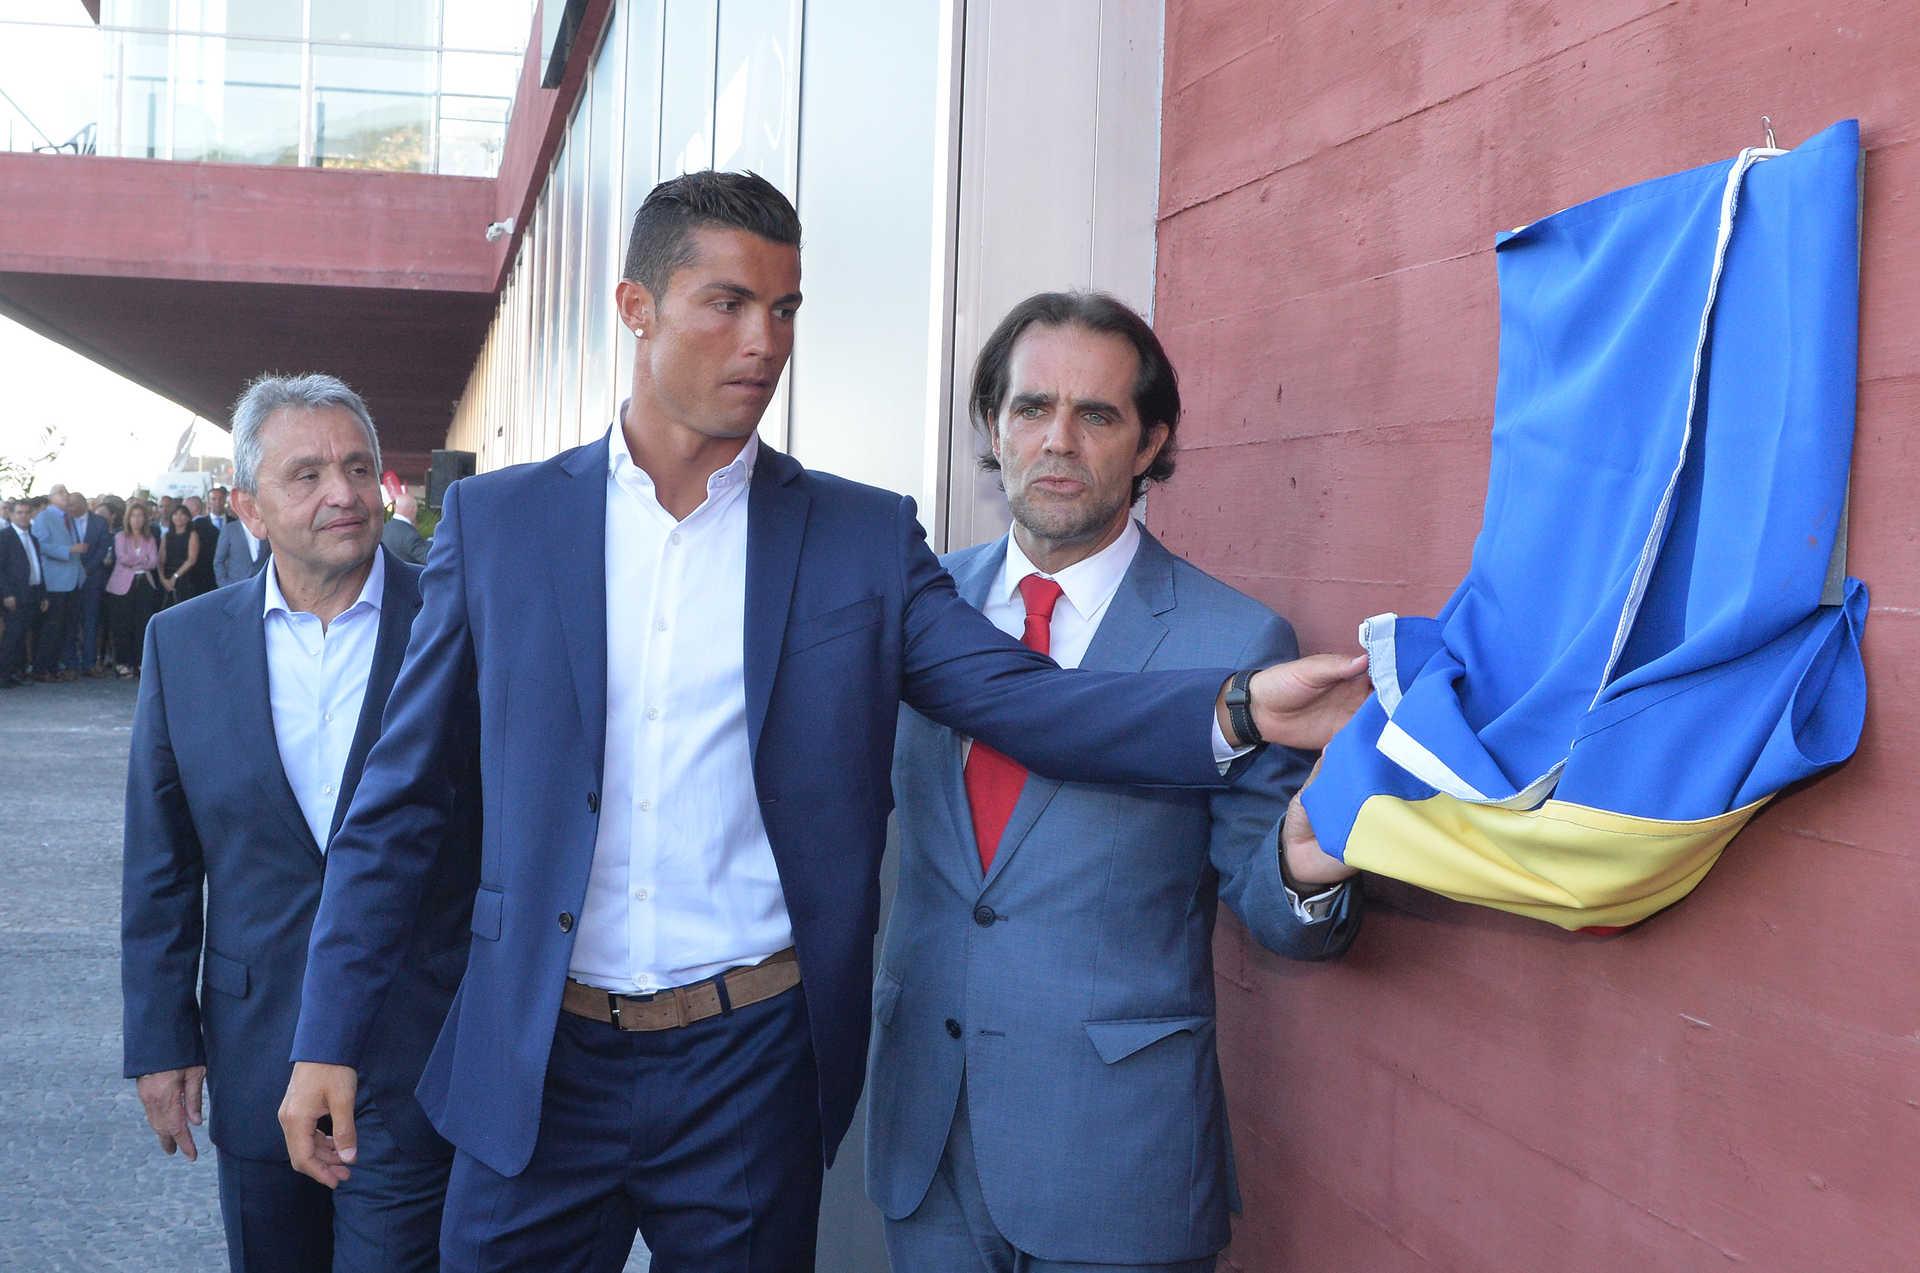 Aeroporto terá nome de Cristiano Ronaldo